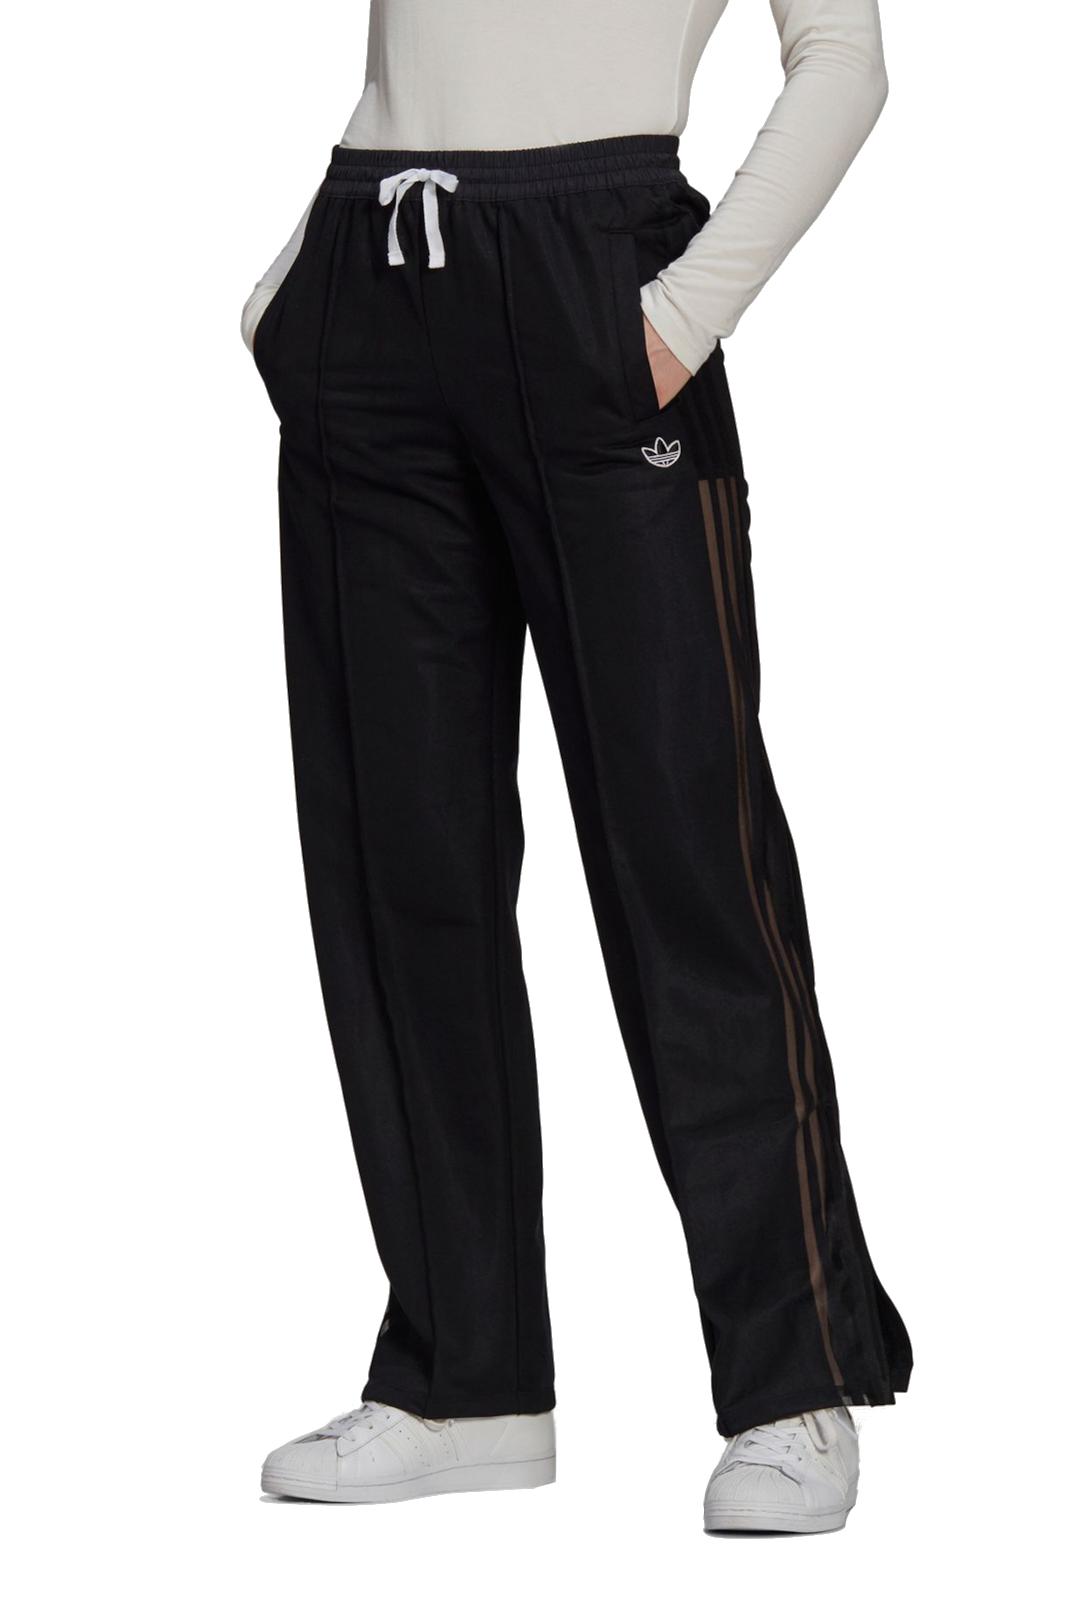 Per la donna che ama look versatili e contemporanei, i pantaloni WIDE-LEG di Adidas, garantiranno stile e modernità. Perfetto per qualsiasi outfit tu voglia, potrai abbinarlo facilmente a sneaker o tacchi, per un aspetto sempre di tendenza.